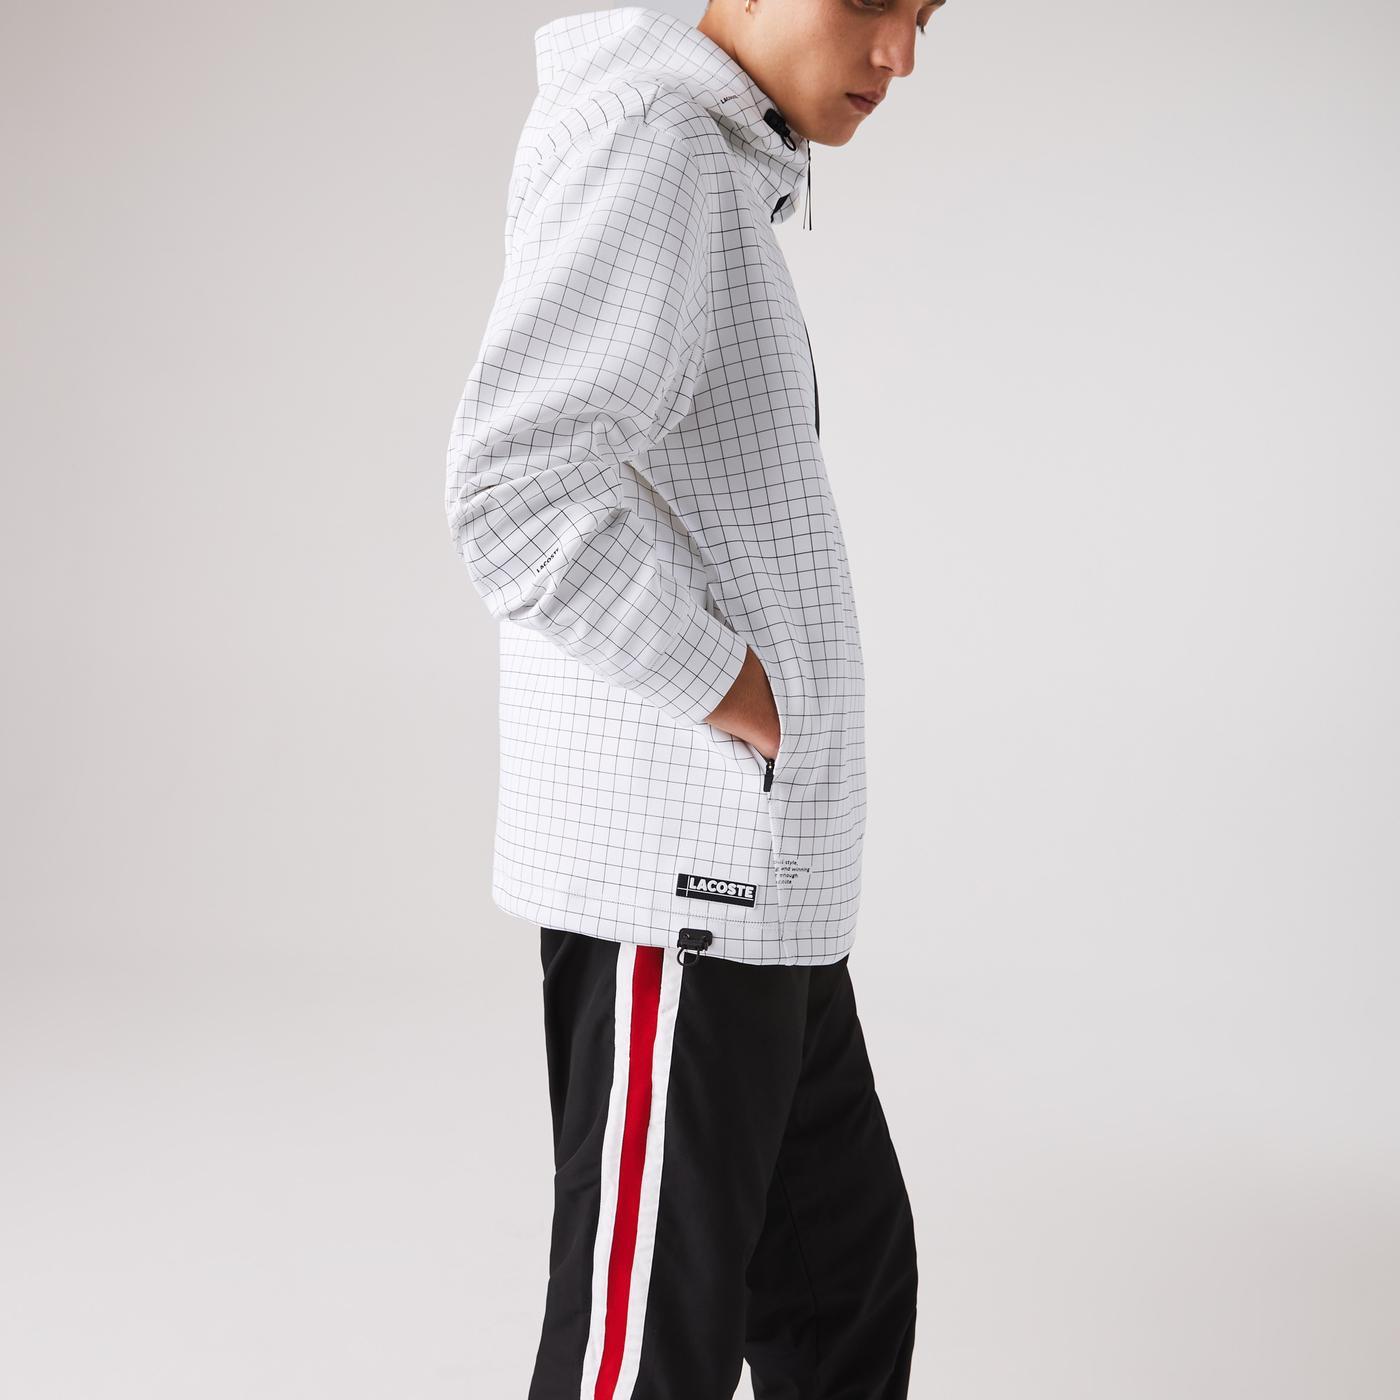 Lacoste Erkek Fermuarlı Beyaz Sweatshirt